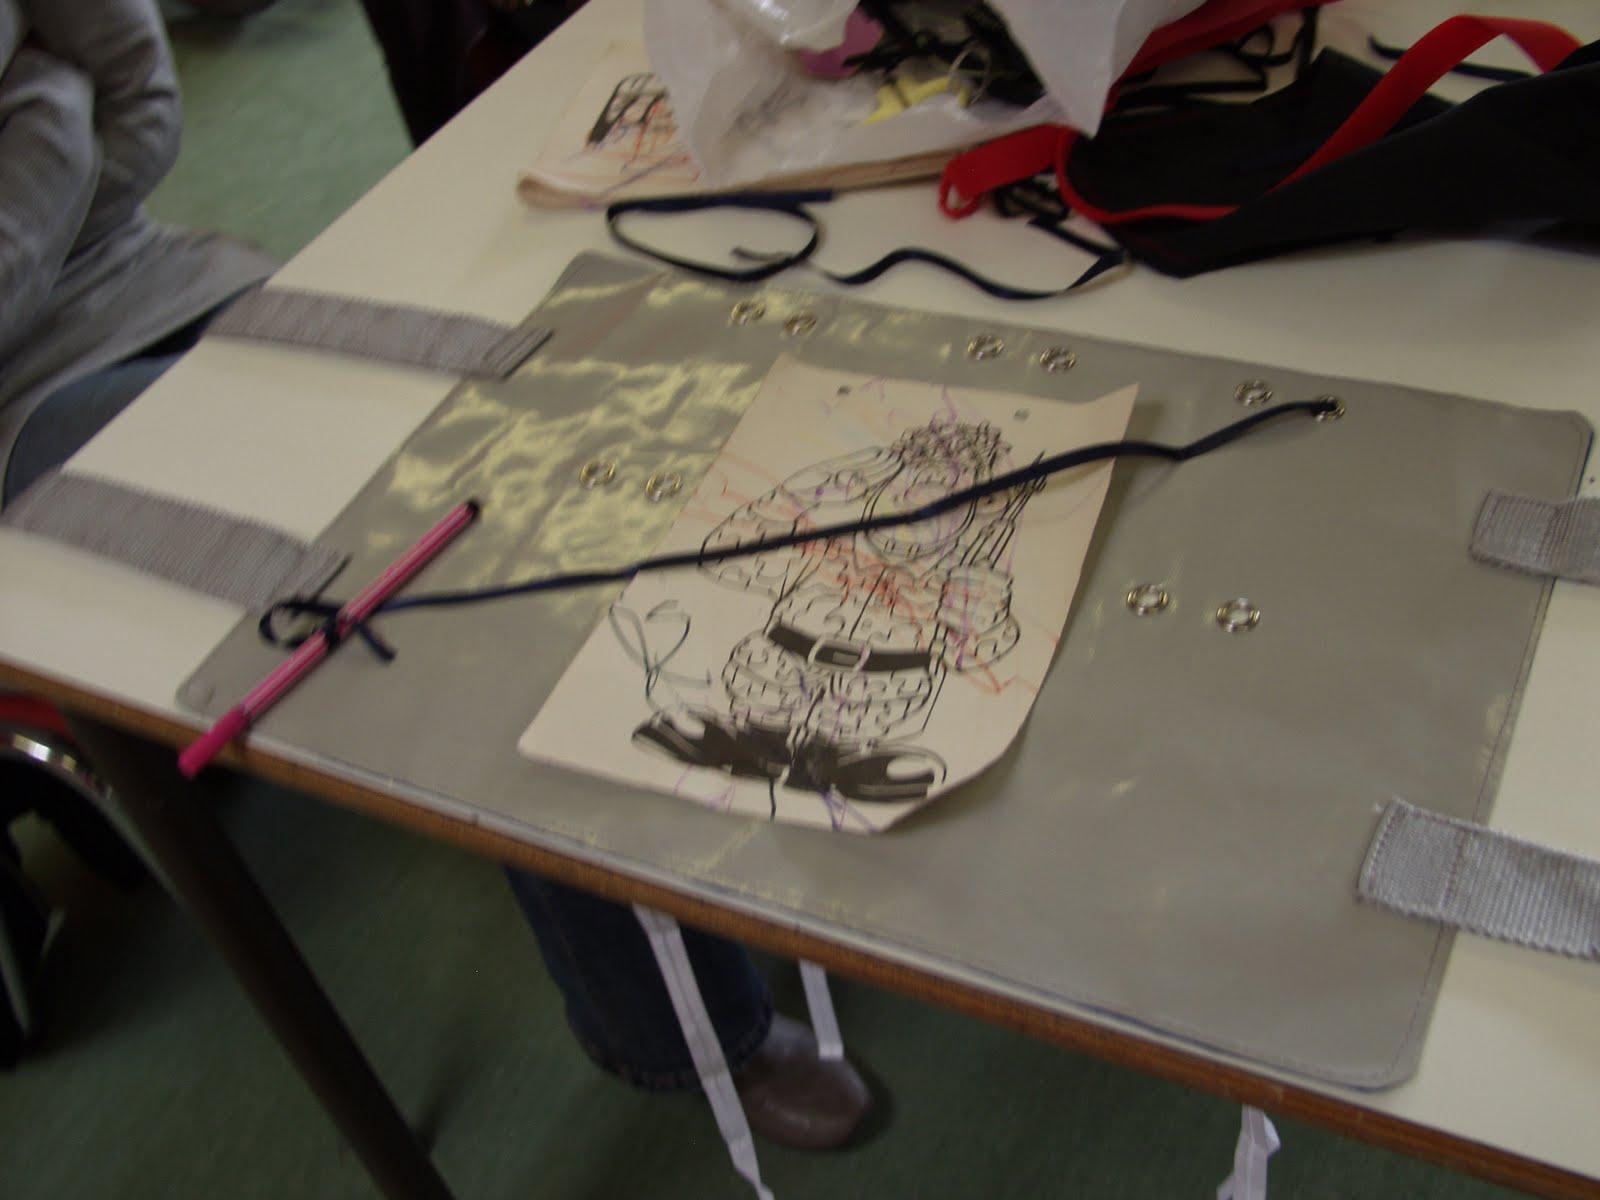 Fixatiemat 2010 resultaten tests - Bereik kind boek ...